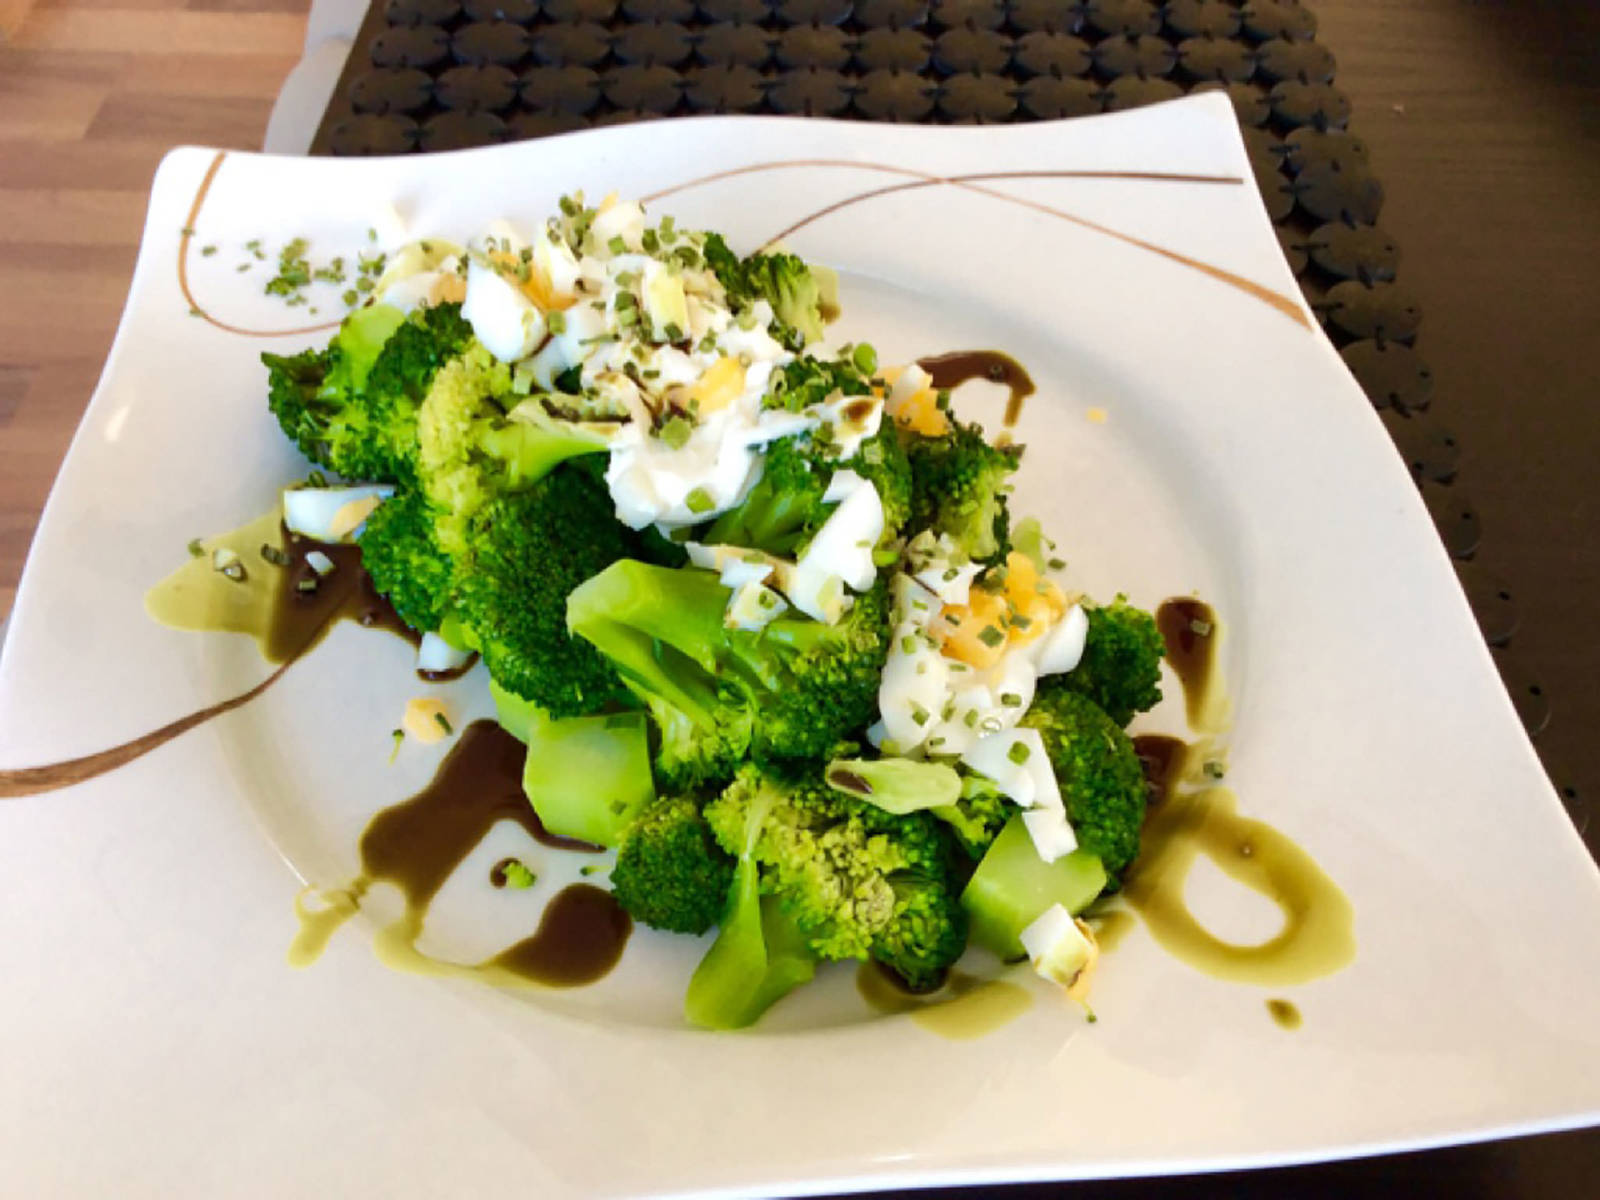 Brokkoli auf einen Servierteller geben, Crème-fraîche-Mischung darauf verteilen und Ei darüber zerkrümeln. Mit Kürbiskernöl, Salz und Pfeffer servieren.